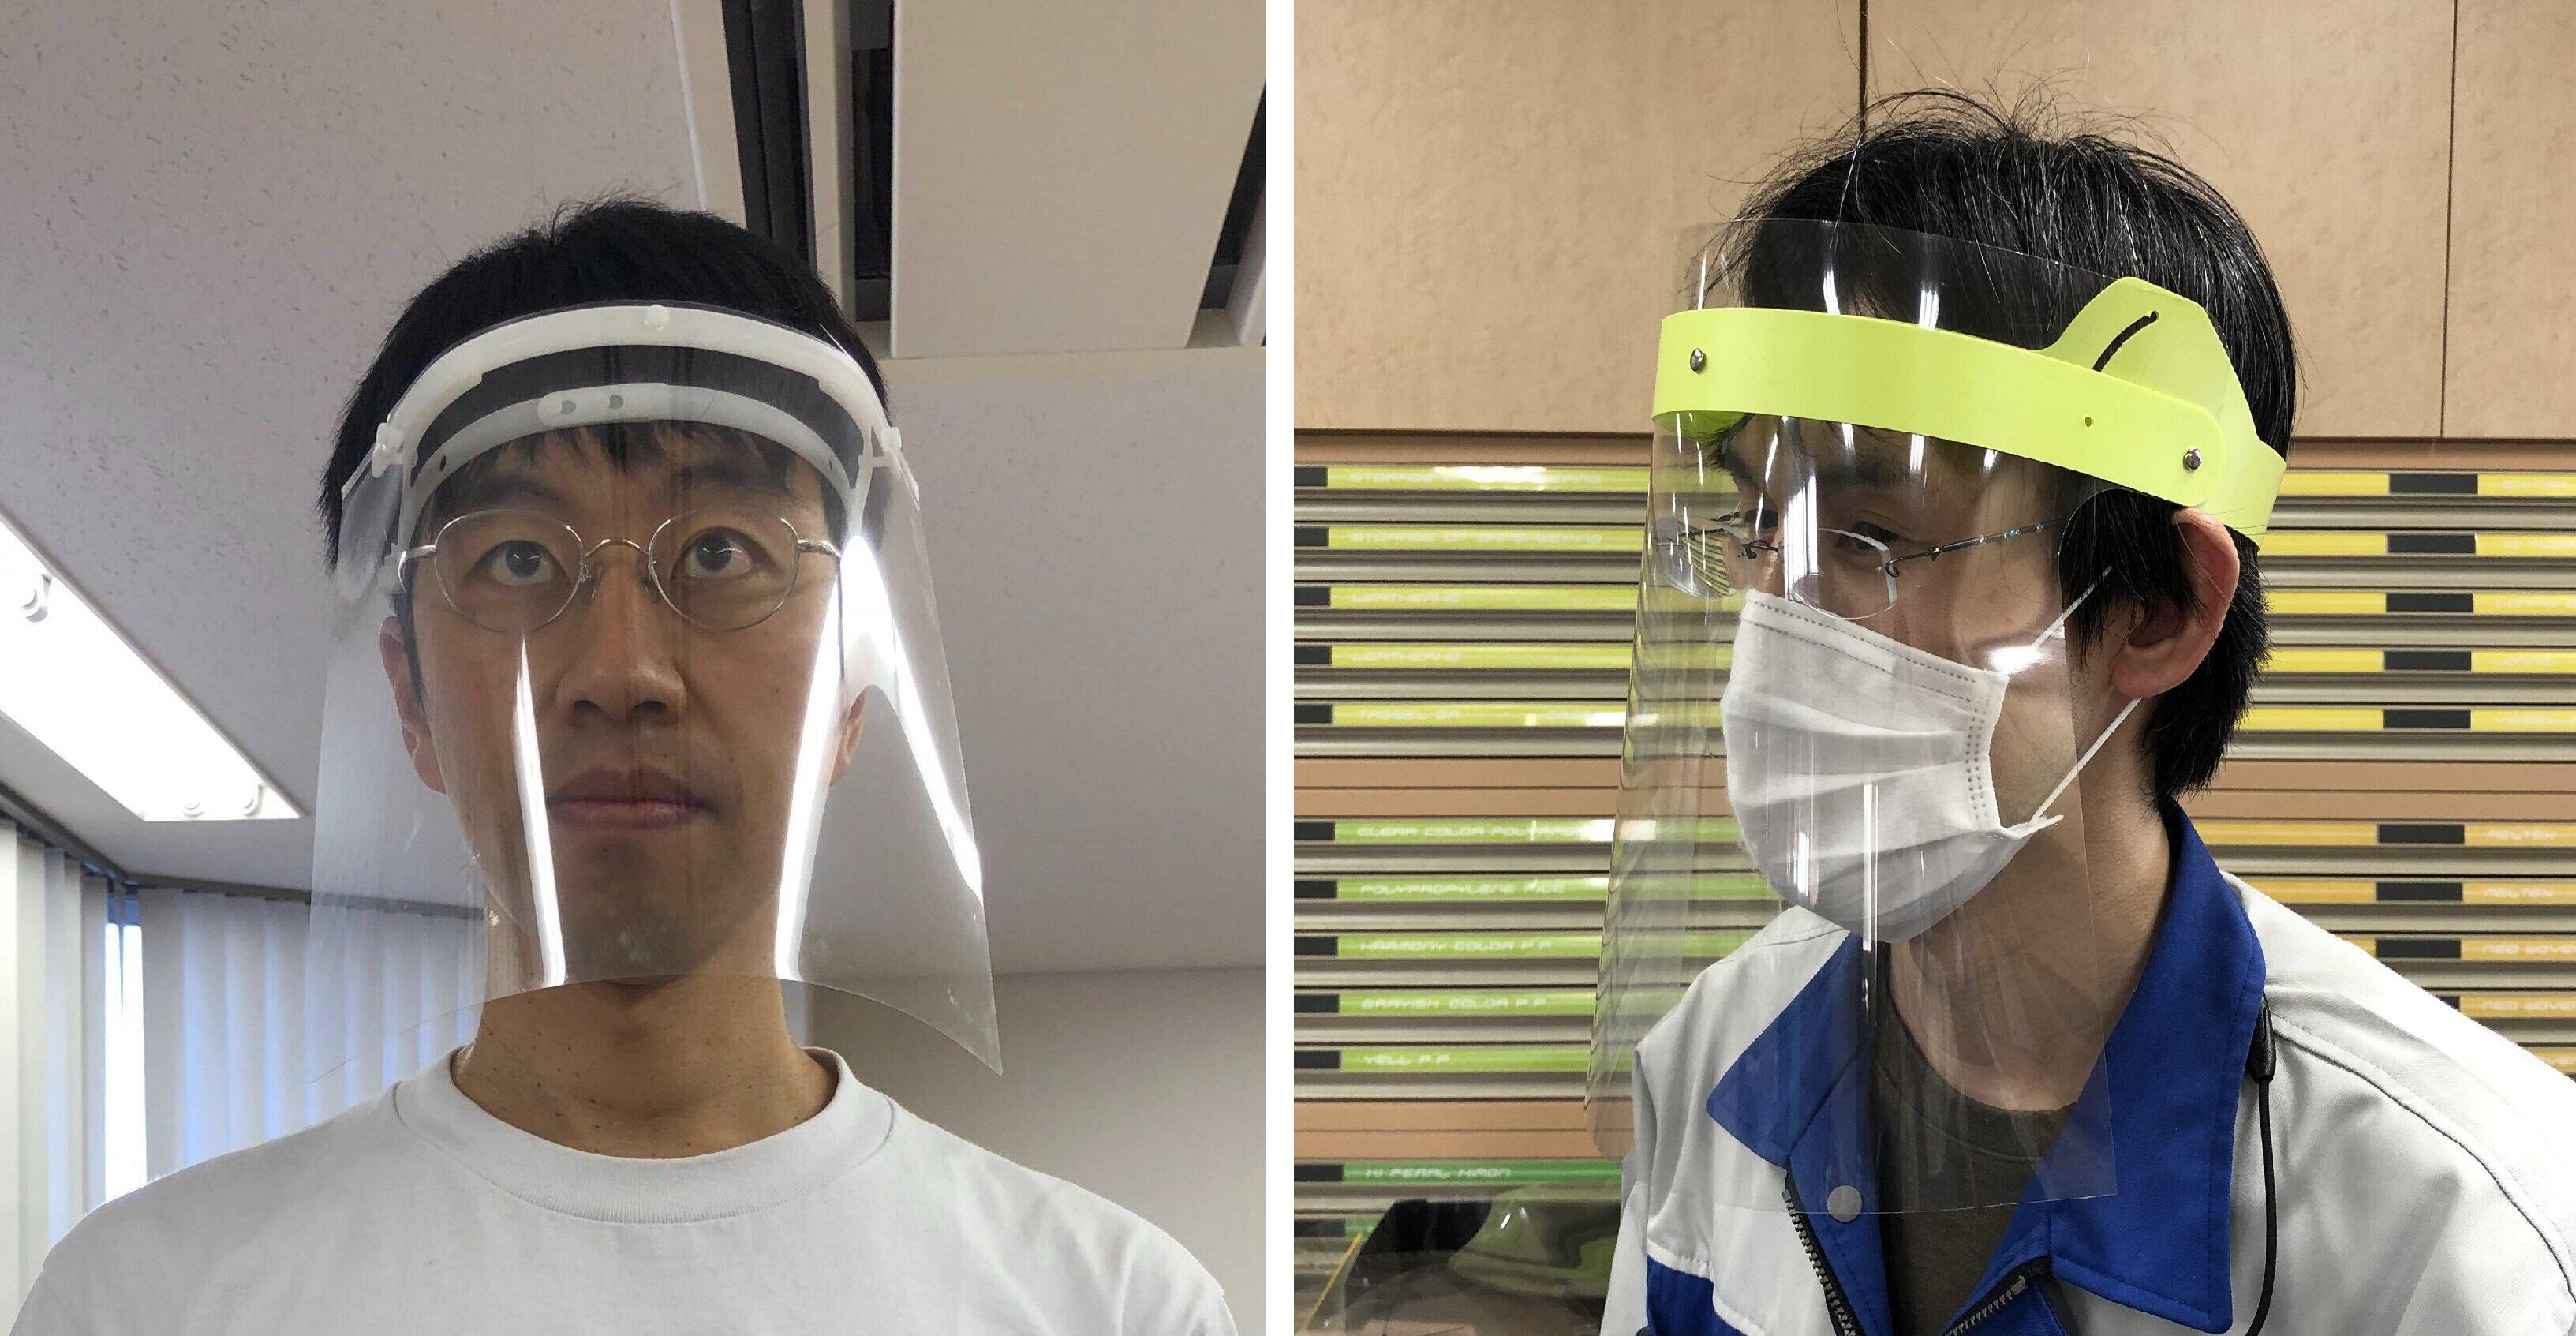 「クリヤーホルダー」を使ったシールドのイメージ(左)と、コクヨMVPが提供したヘッドギアタイプシールド